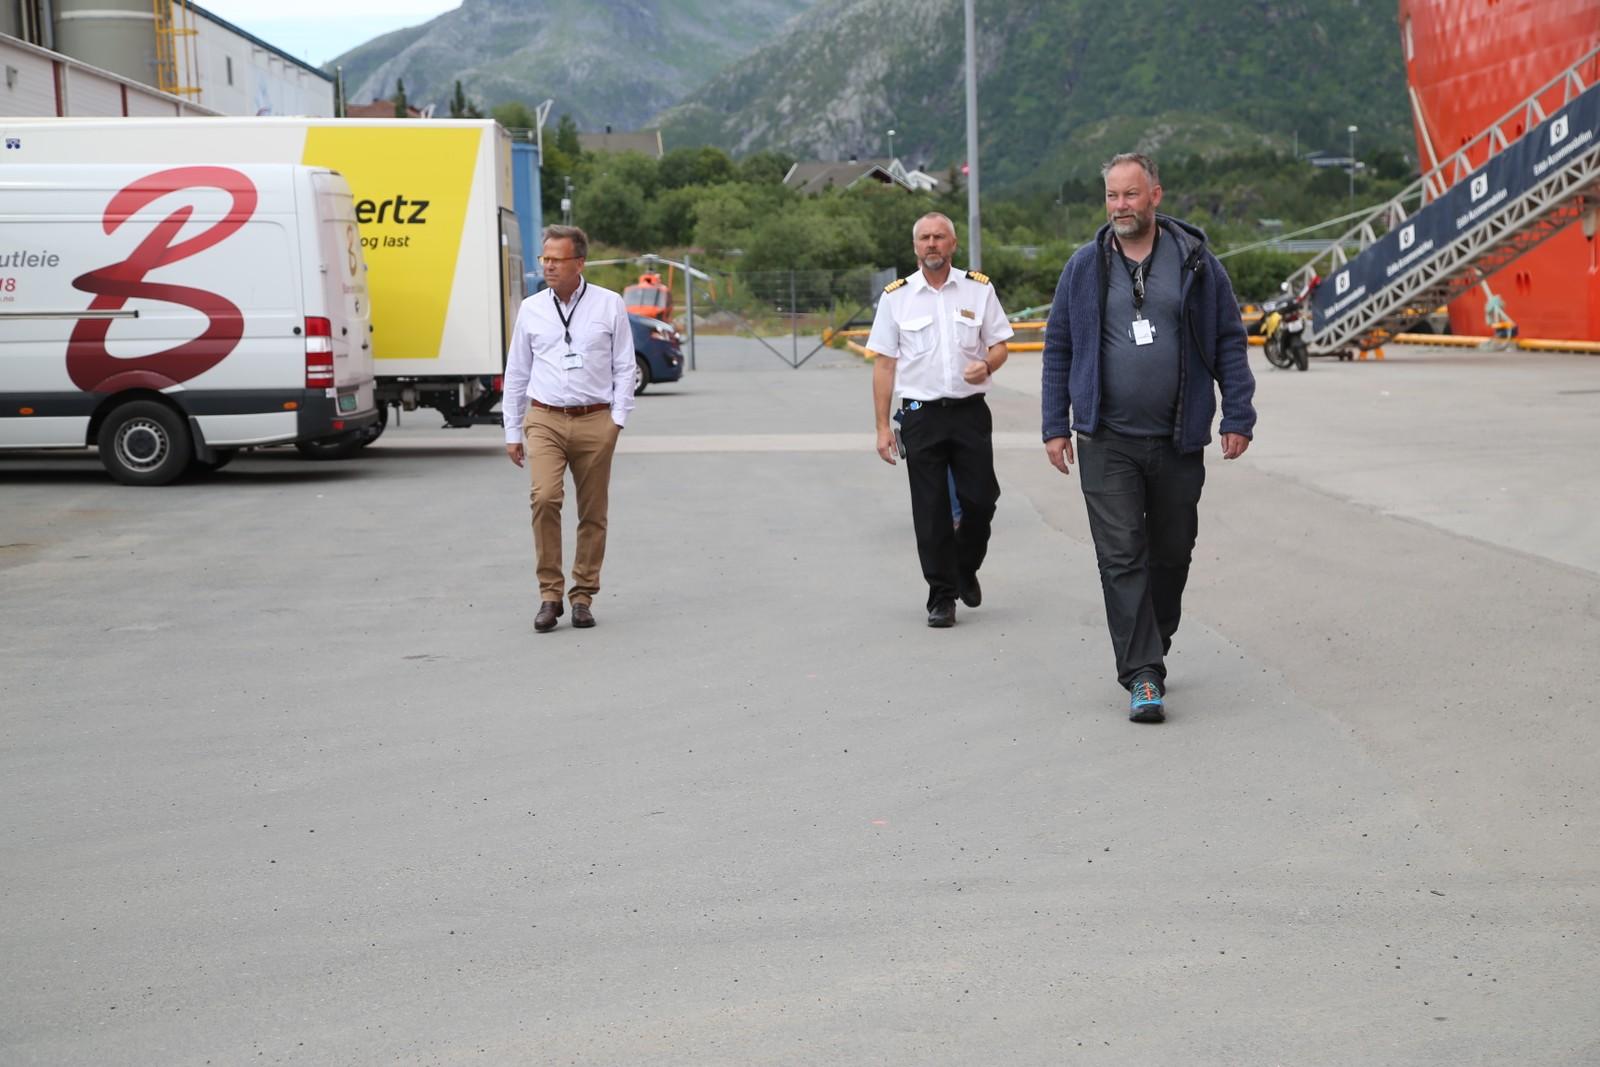 Produsent Mark Johnson møter pressen (t.v.) sammen med kaptein Ole Andre Kjørlien og lokal produsent Per Henry Borch.